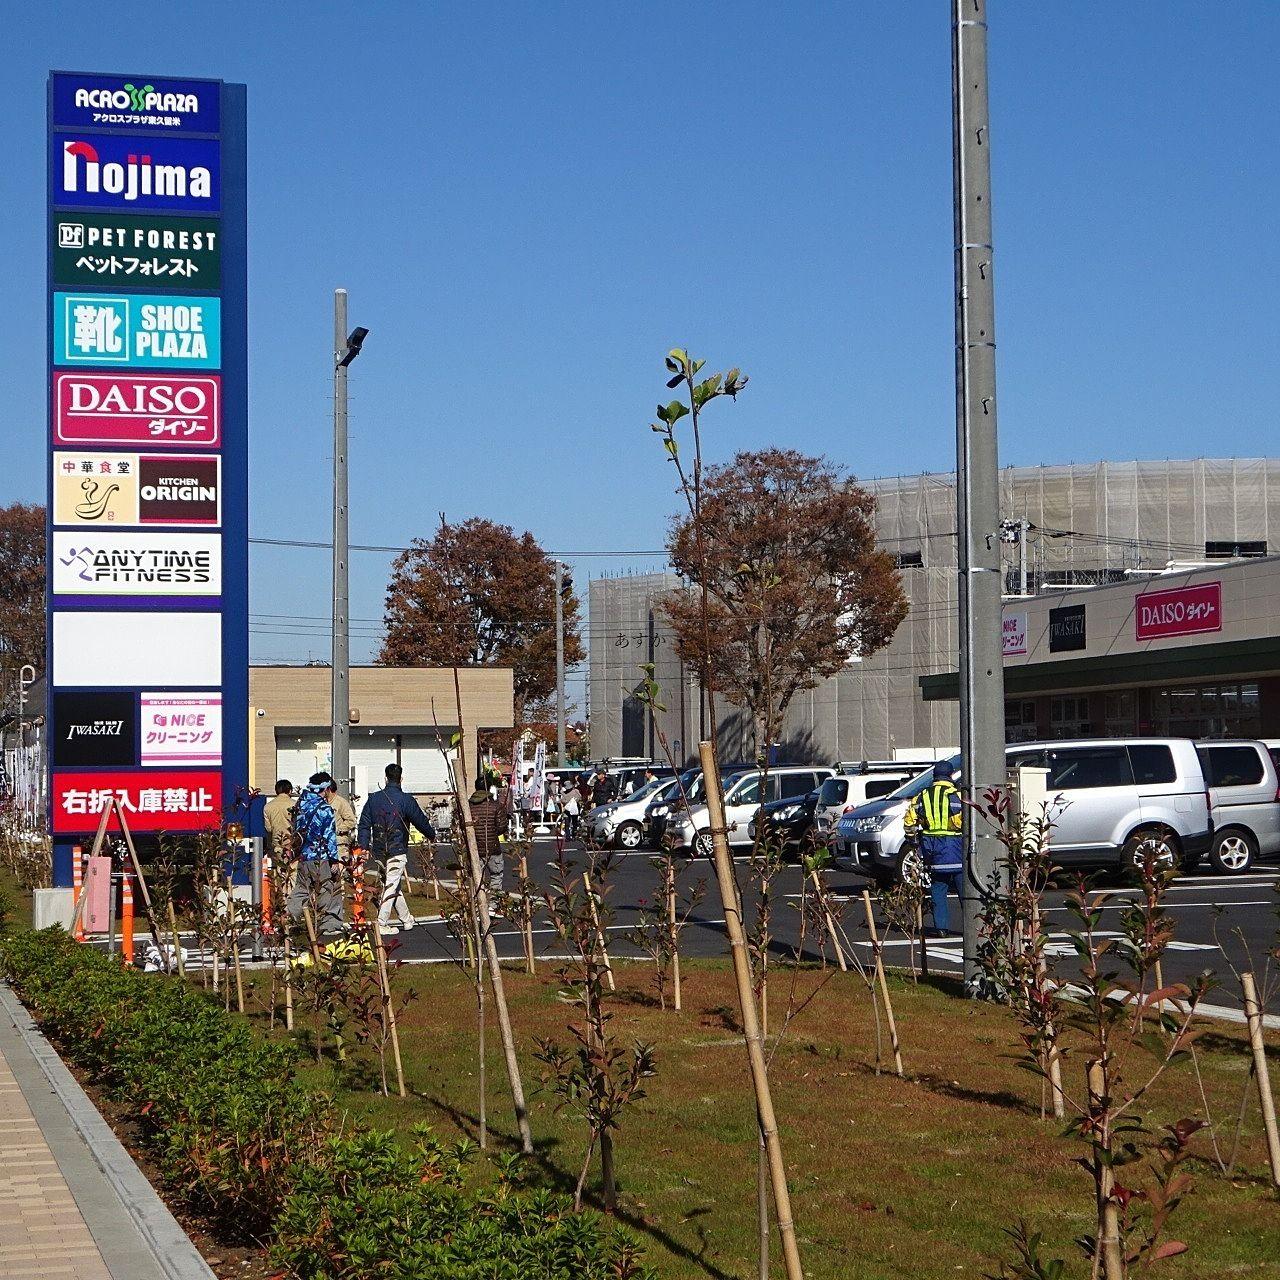 近くにある総合商業施設